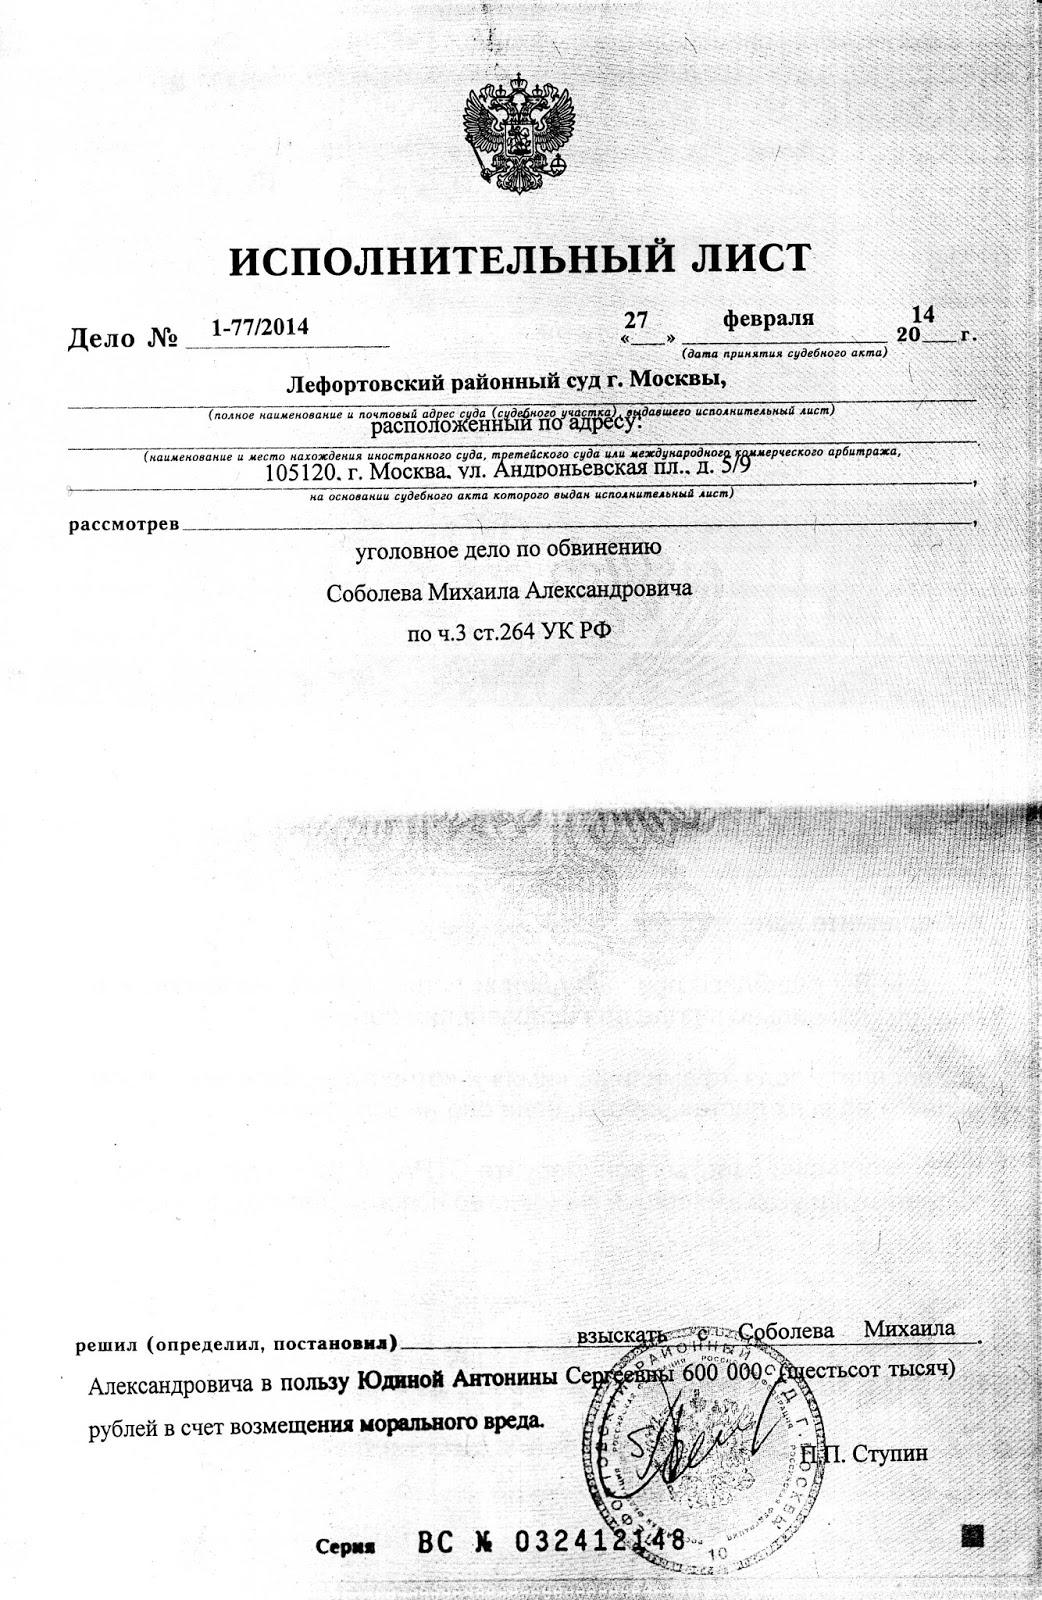 Исполнительный лист по уголовному взыскание задолженности по коммунальным платежам с сособственников